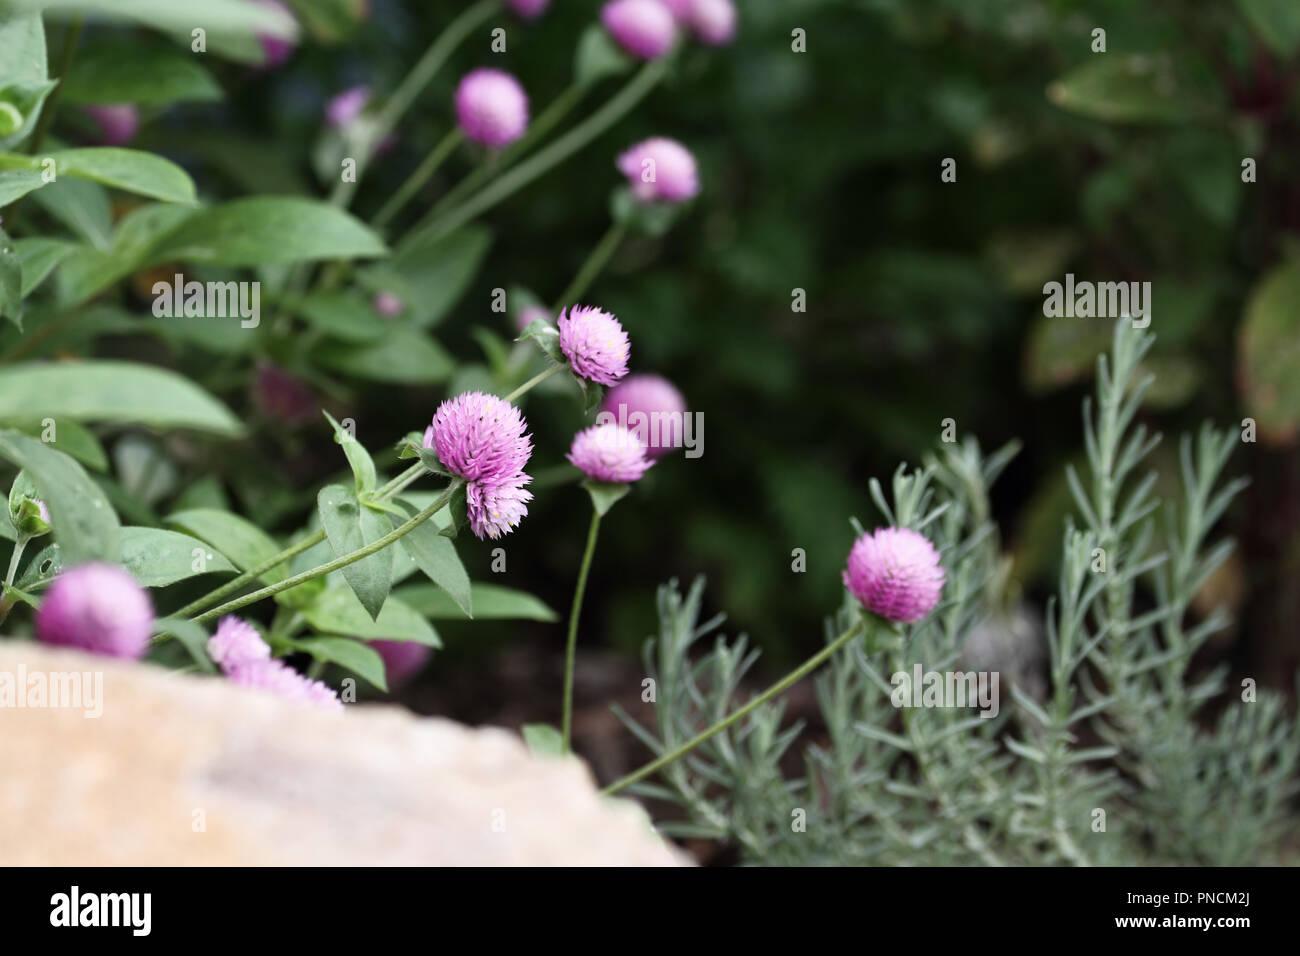 Globus Amaranth oder Gomphrena nana Blumen wachsen in einem Garten. Extrem flache Tiefenschärfe mit selektiven Fokus auf Blume in der Mitte vom Bild. Stockfoto